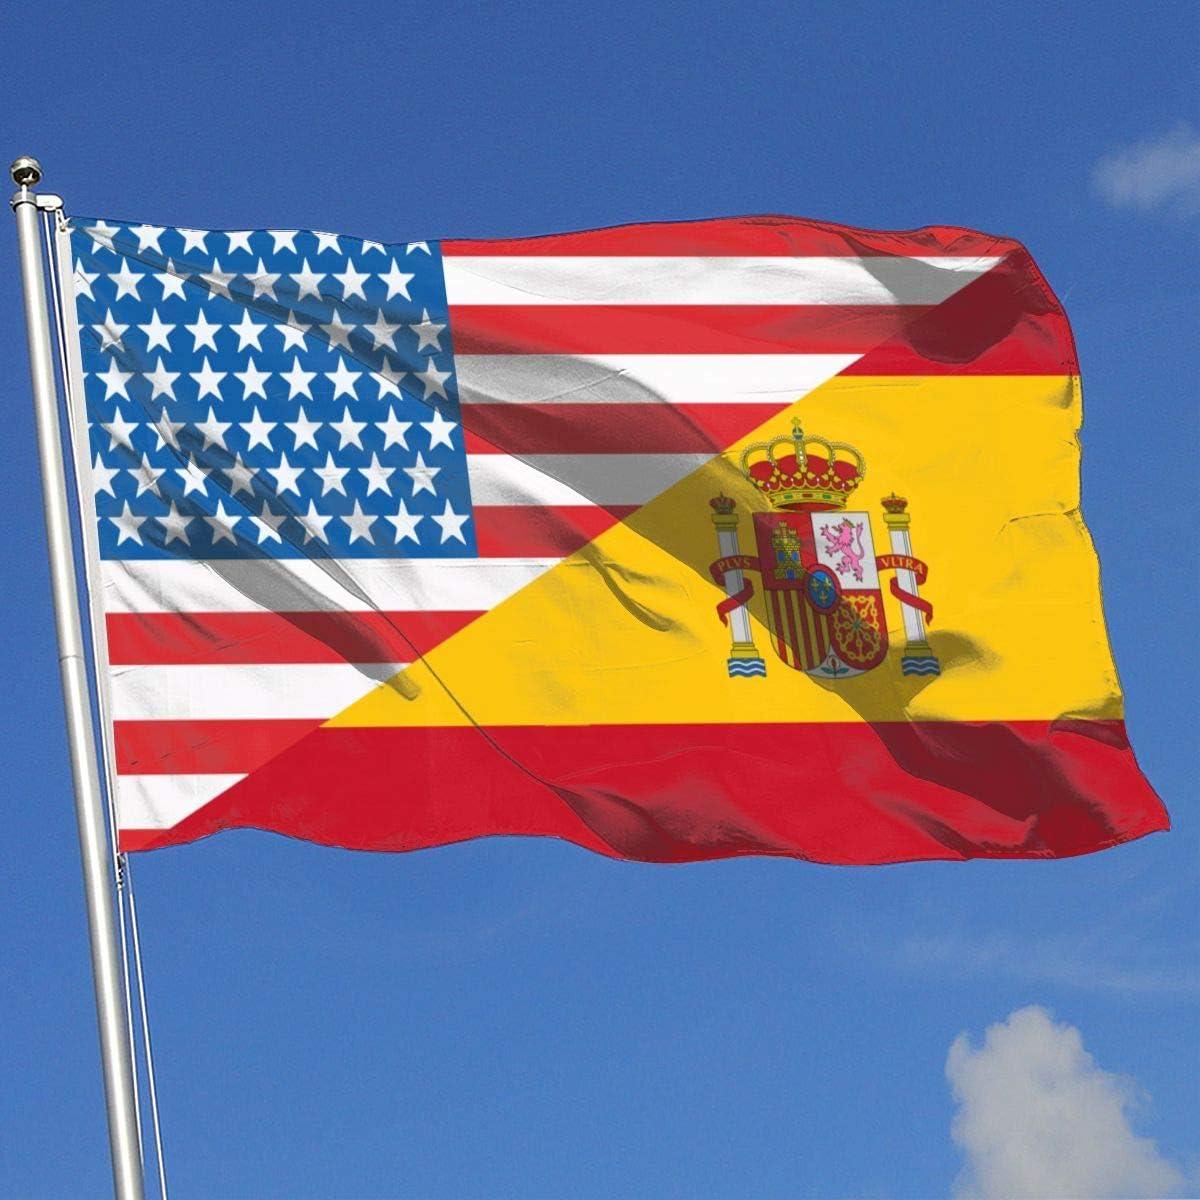 Zudrold Banderas al Aire Libre Mitad de EE. UU. Mitad de España Bandera de Bandera para fanático de los Deportes Fútbol Baloncesto Béisbol Hockey: Amazon.es: Jardín